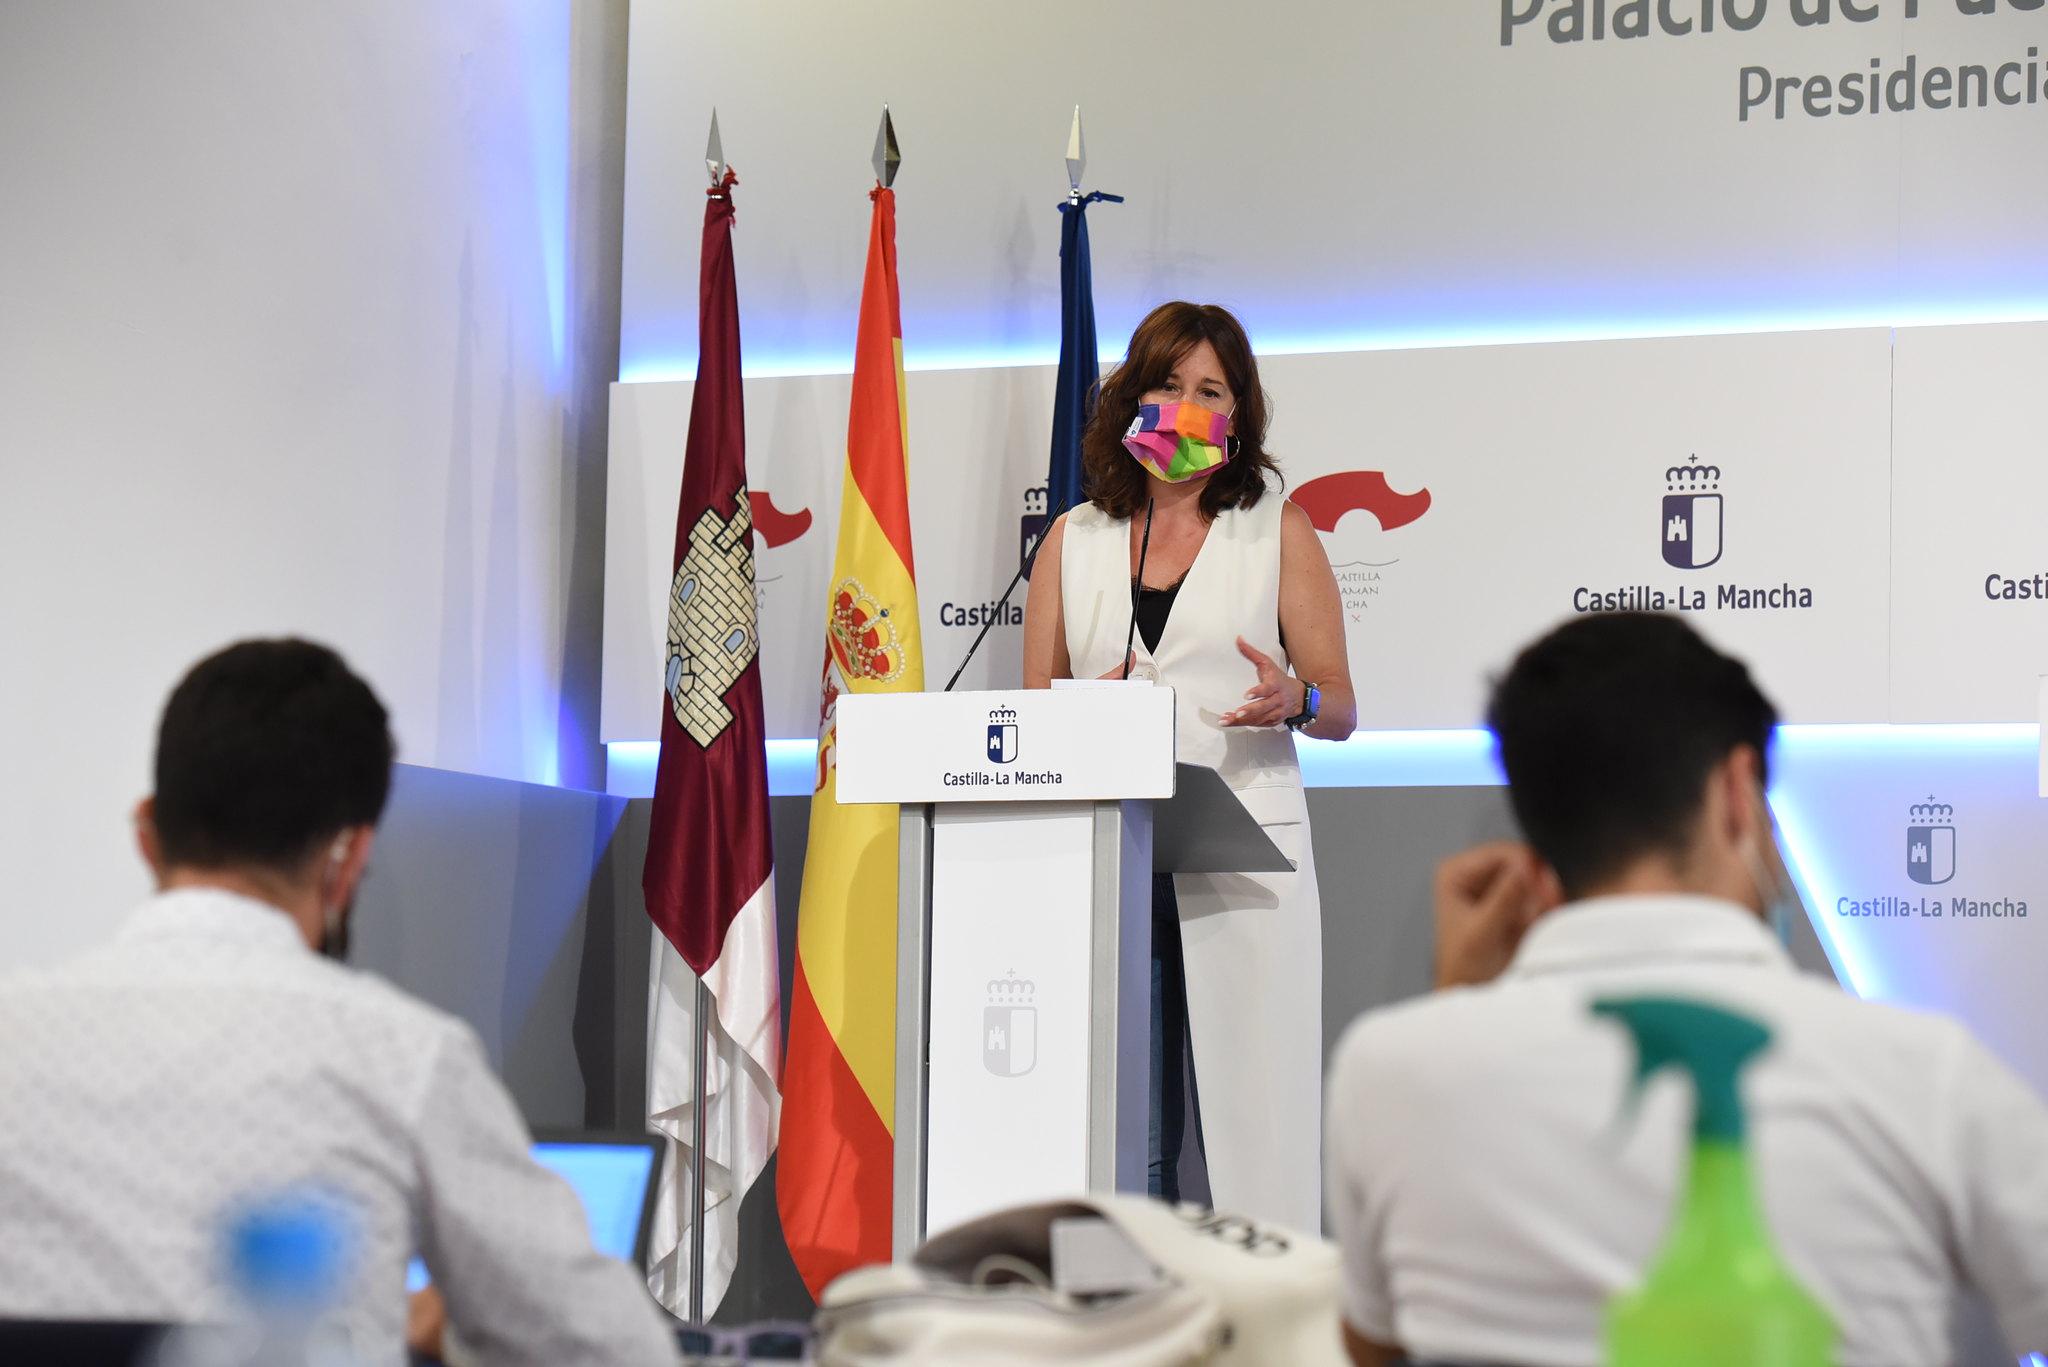 La consejera de Igualdad y Portavoz informa sobre los acuerdos del Consejo de Gobierno extraordinario (III)